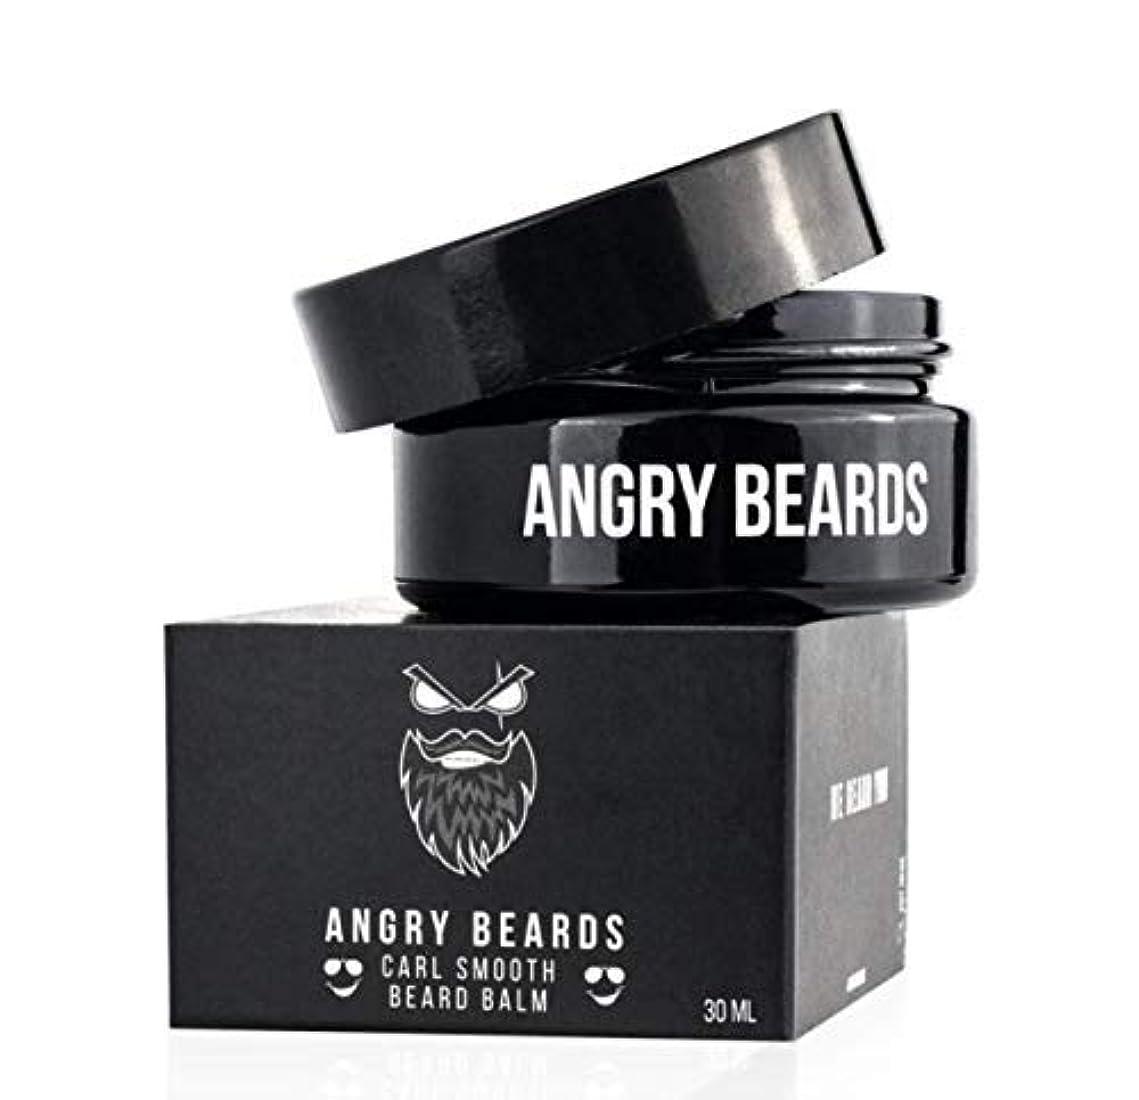 抜け目のないロマンス才能のあるCarl Smooth Beard Balm by Angry Beards 30ml / カールスムースビアードバームバイアングリービアード30ml Made in Czech Republic